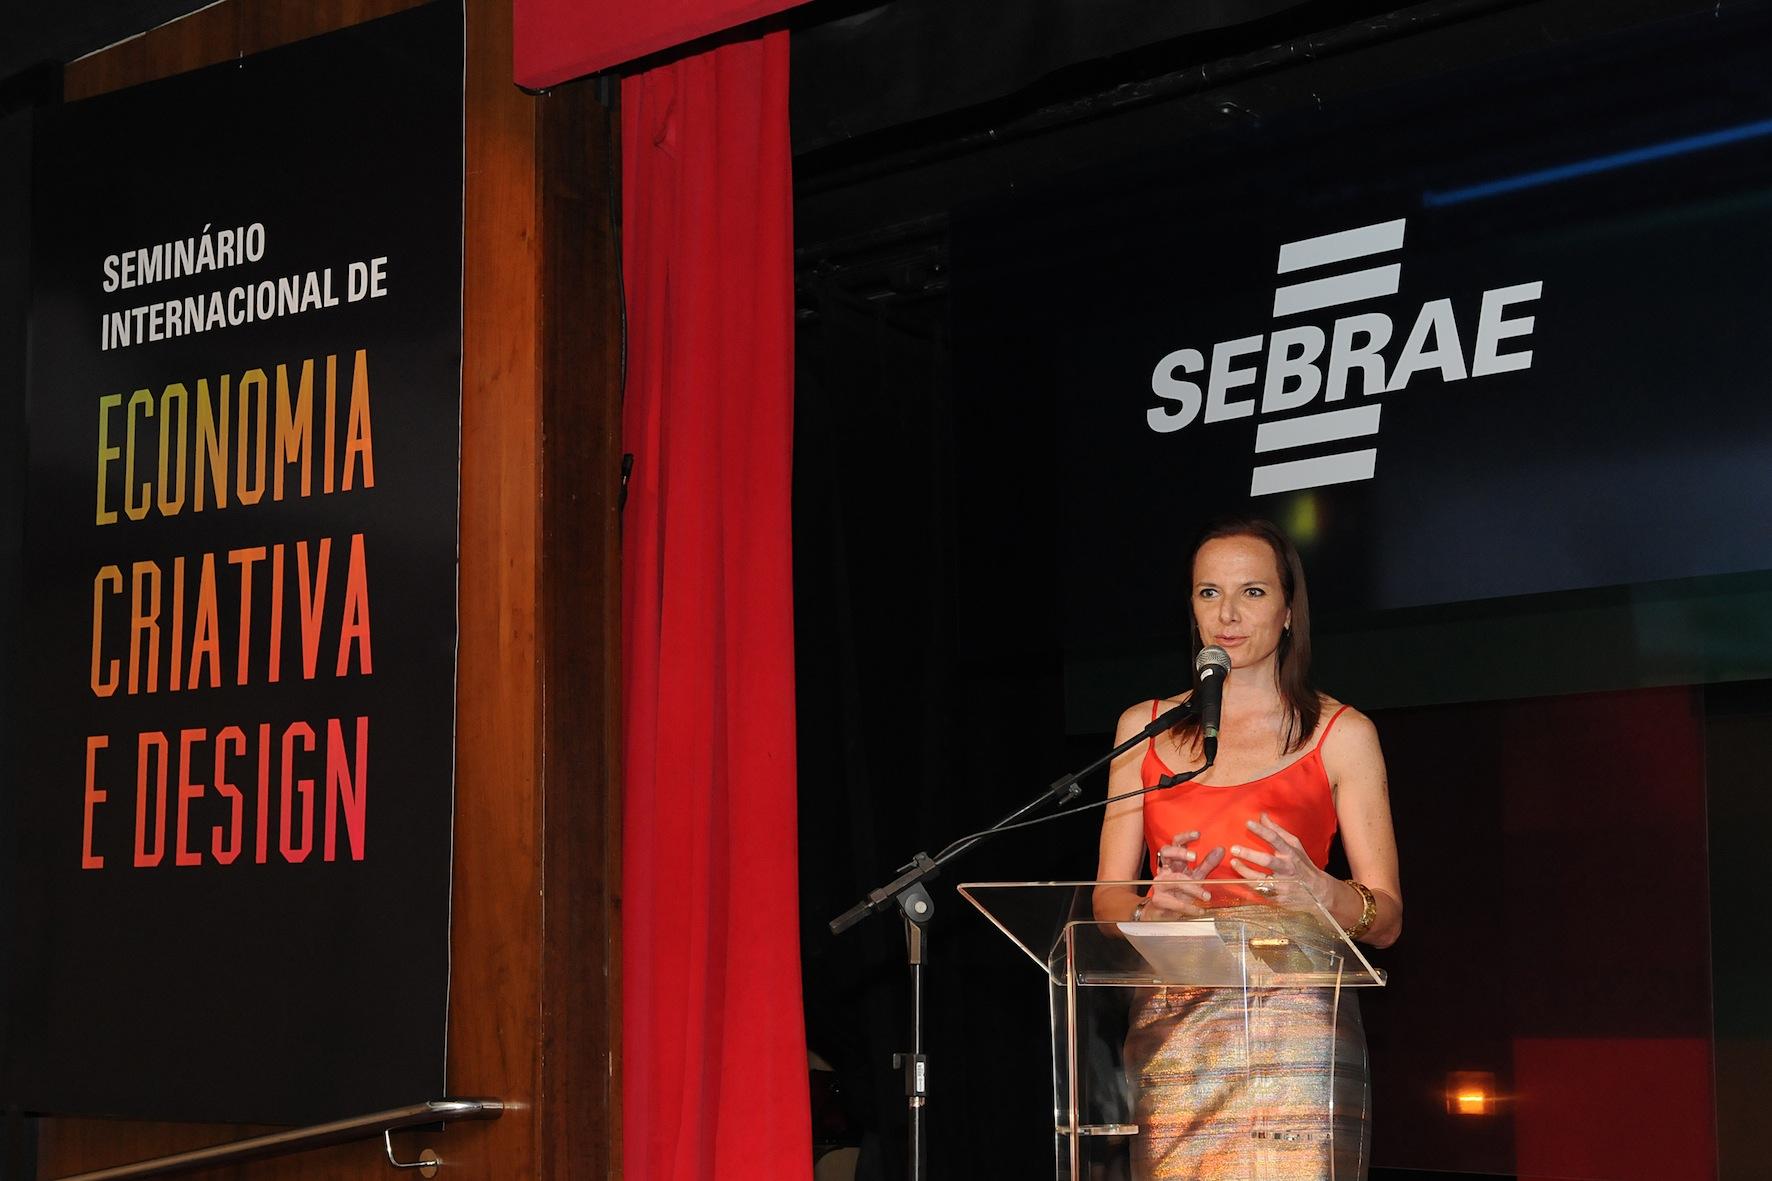 Seminário Internacional de Economia Criativa e Design